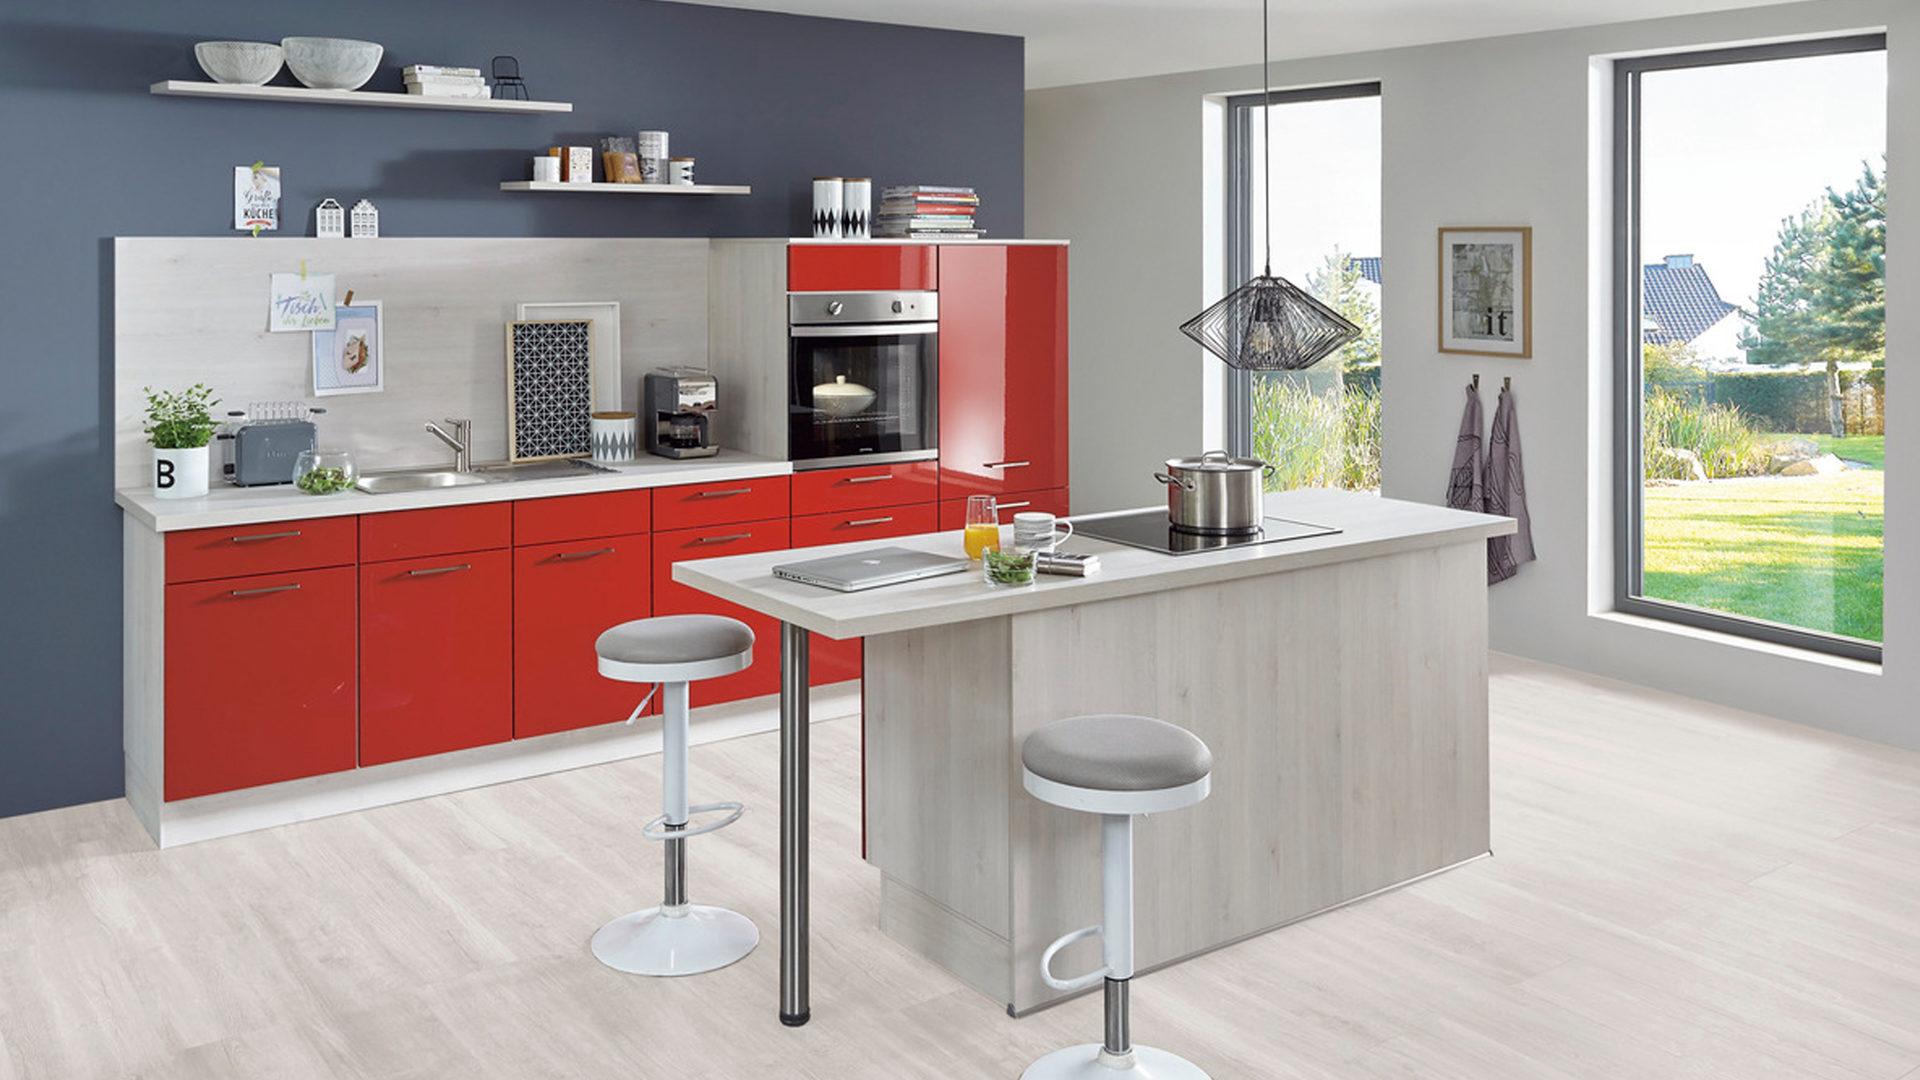 Wohnland Breitwieser , Möbel A-Z, Küchen, Einbauküchen, Einbauküche ...